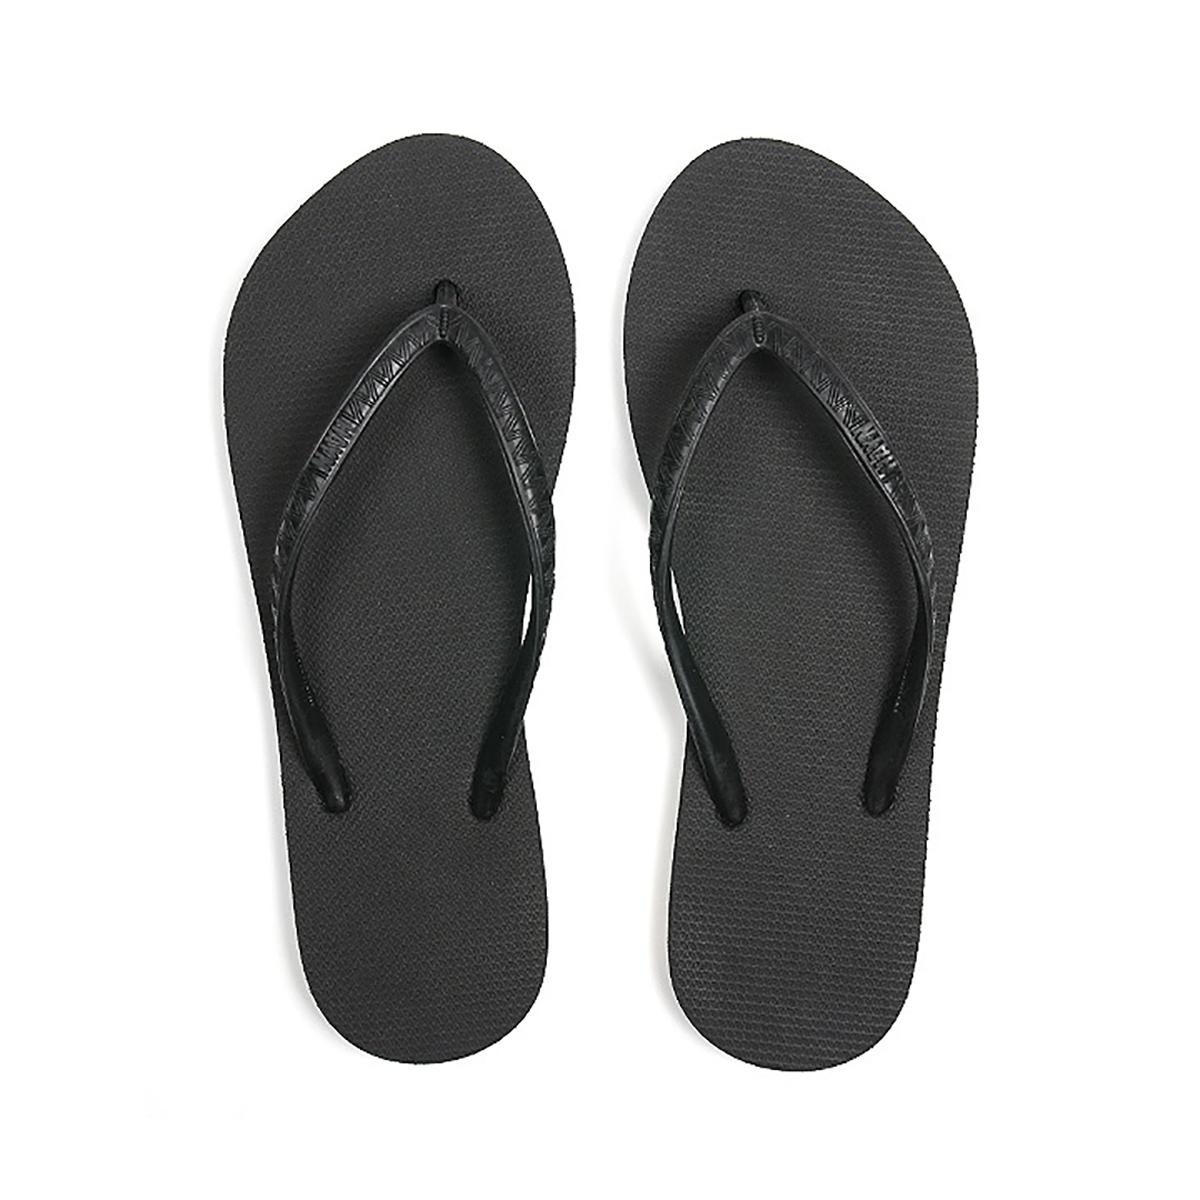 ハワイ生まれのLOHASなビーチサンダル|CORE (WOMEN) Lava Rock | 足も心も気持ちいい、ハワイ生まれのビーチサンダル